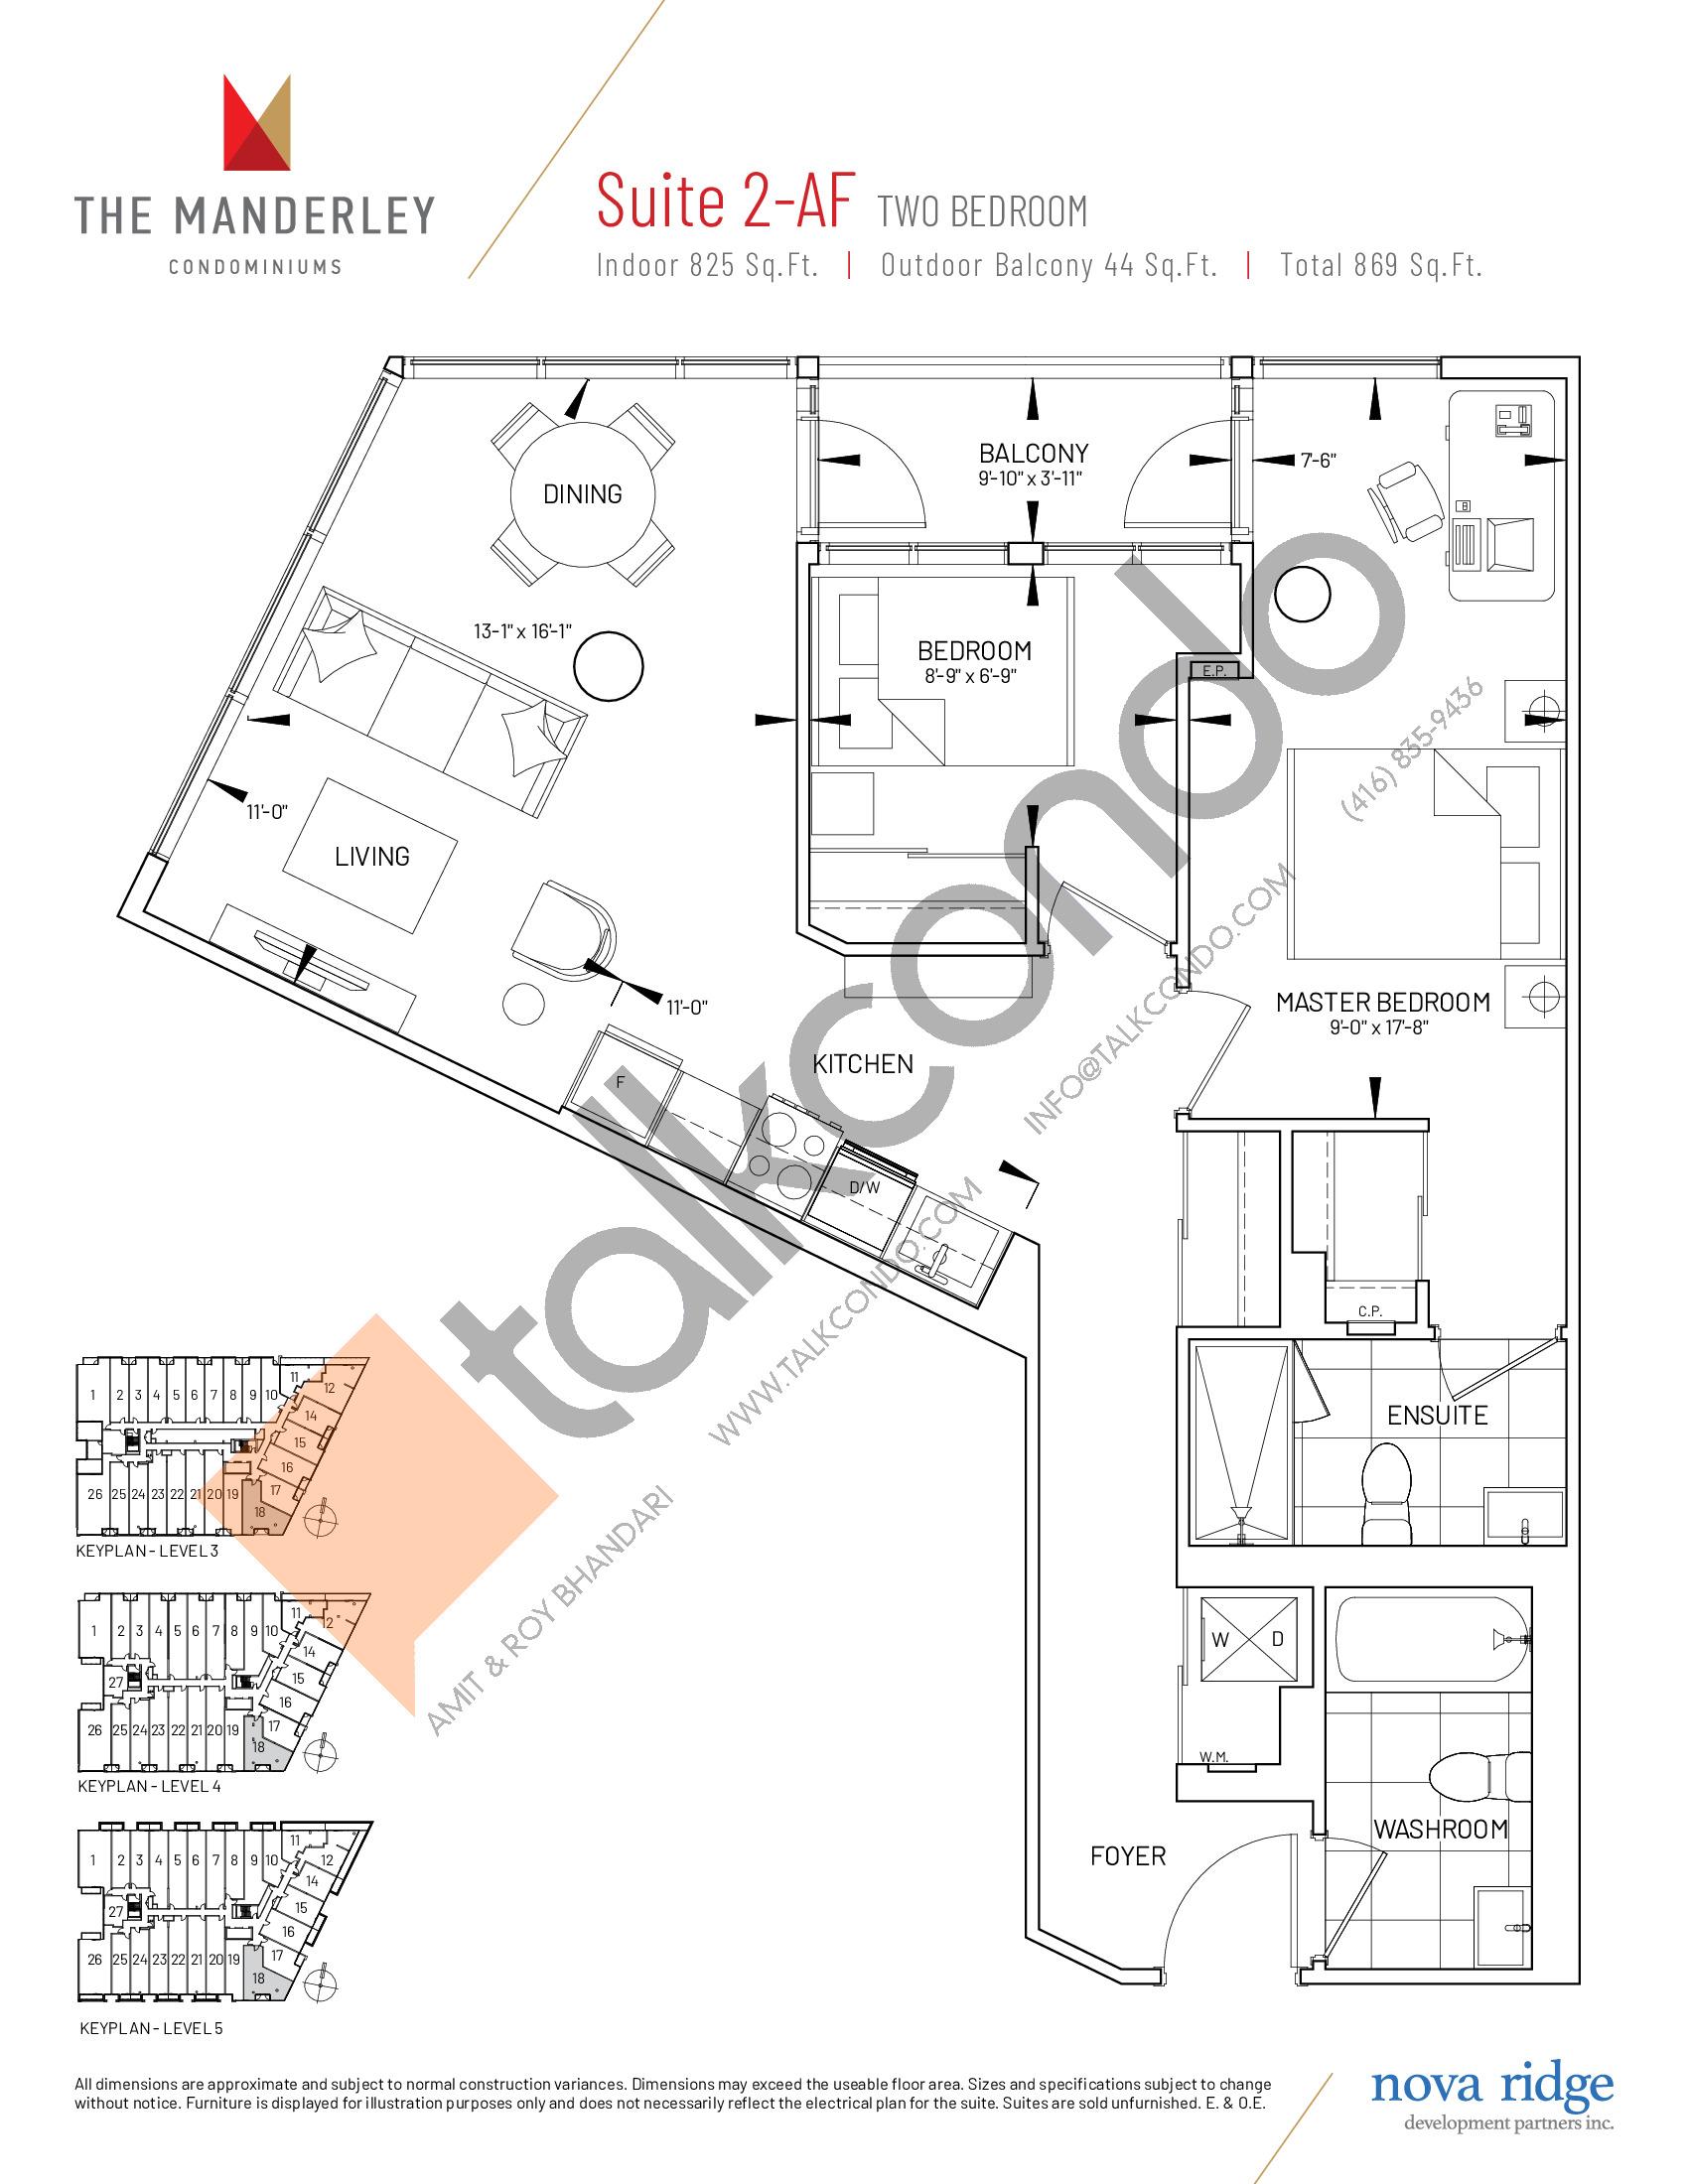 Suite 2-AF Floor Plan at The Manderley Condos - 825 sq.ft